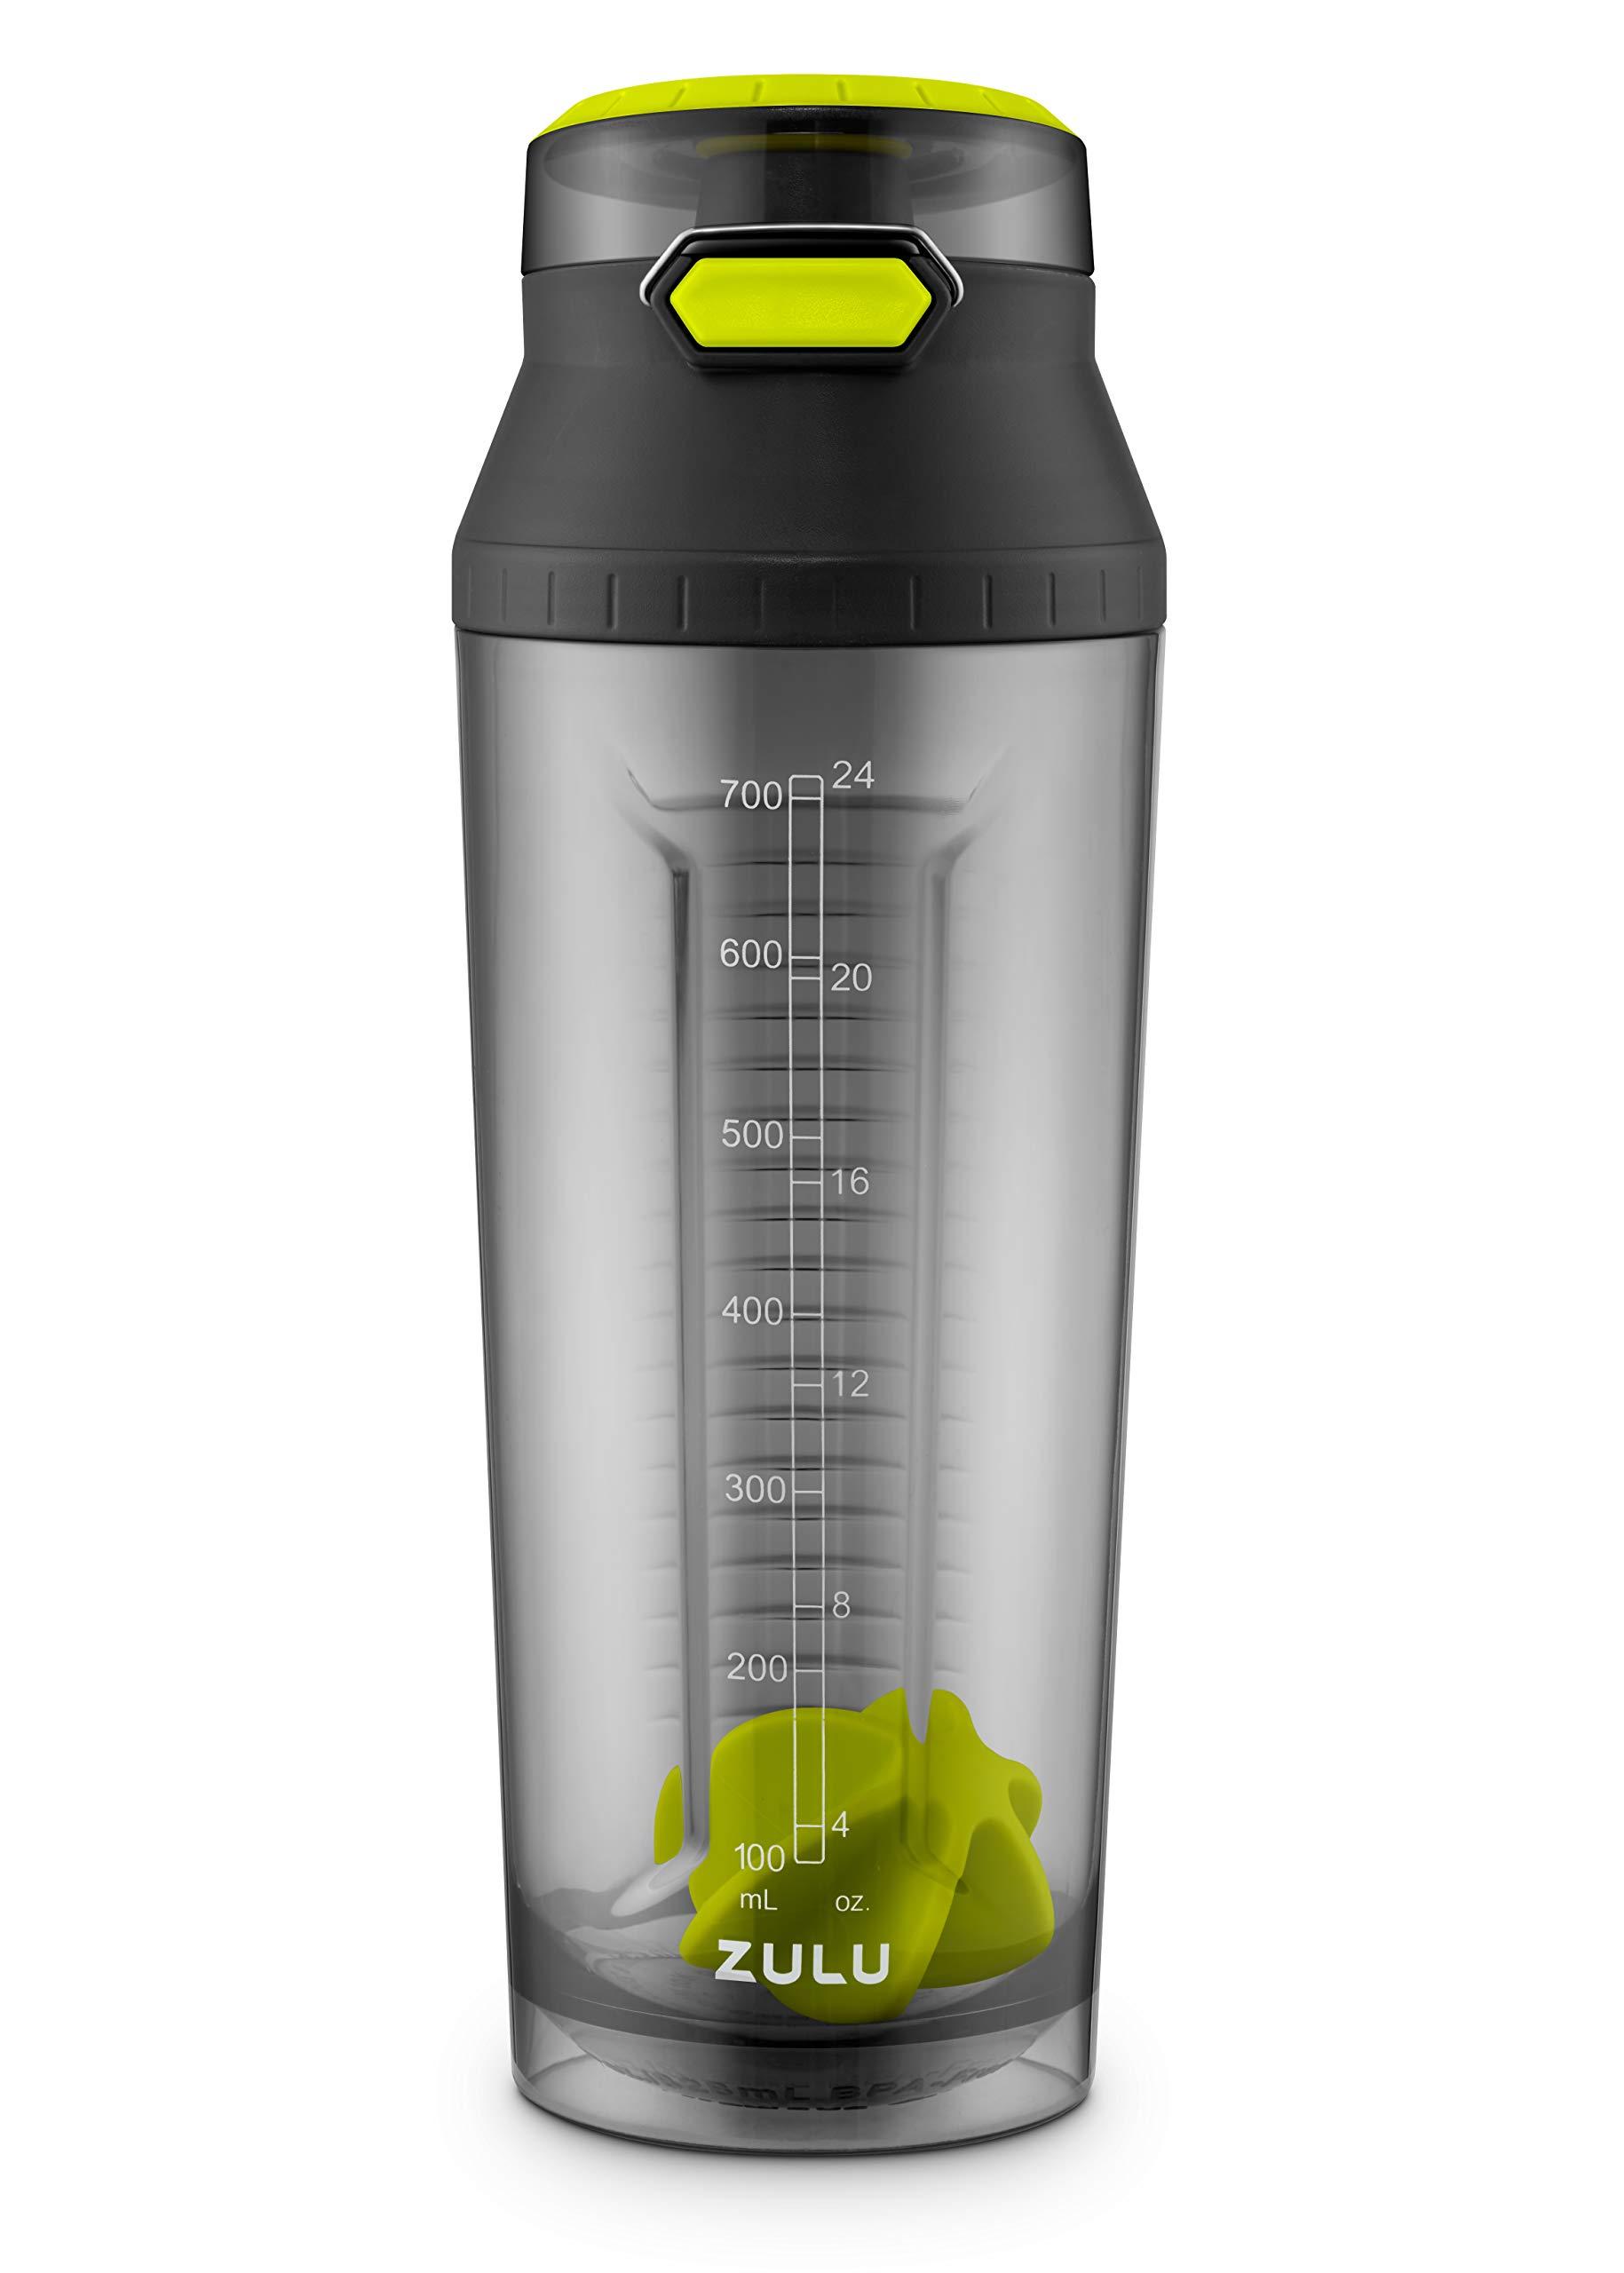 Zulu Tritan kids water bottle 16 oz Sport Leak proof BPA free dishwasher safe